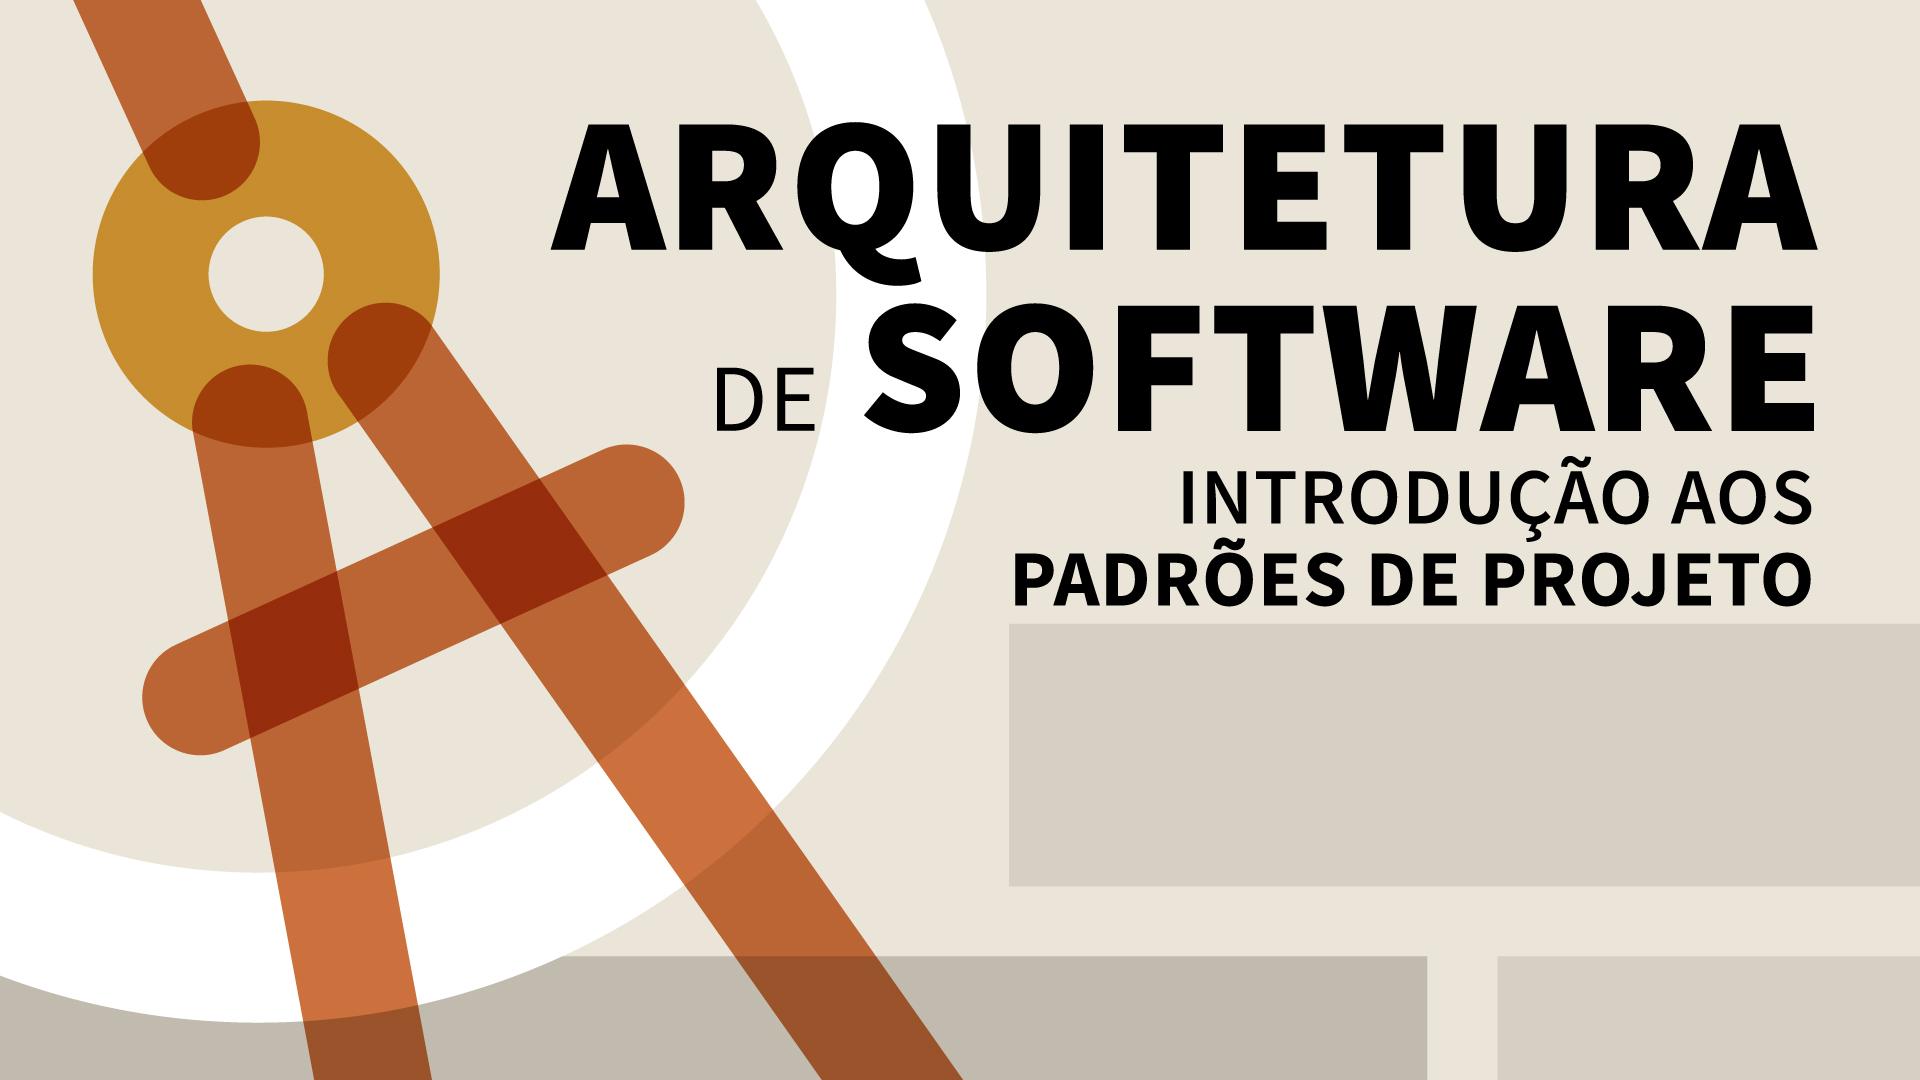 Arquitetura de Software: Introdução aos Padrões de Projeto